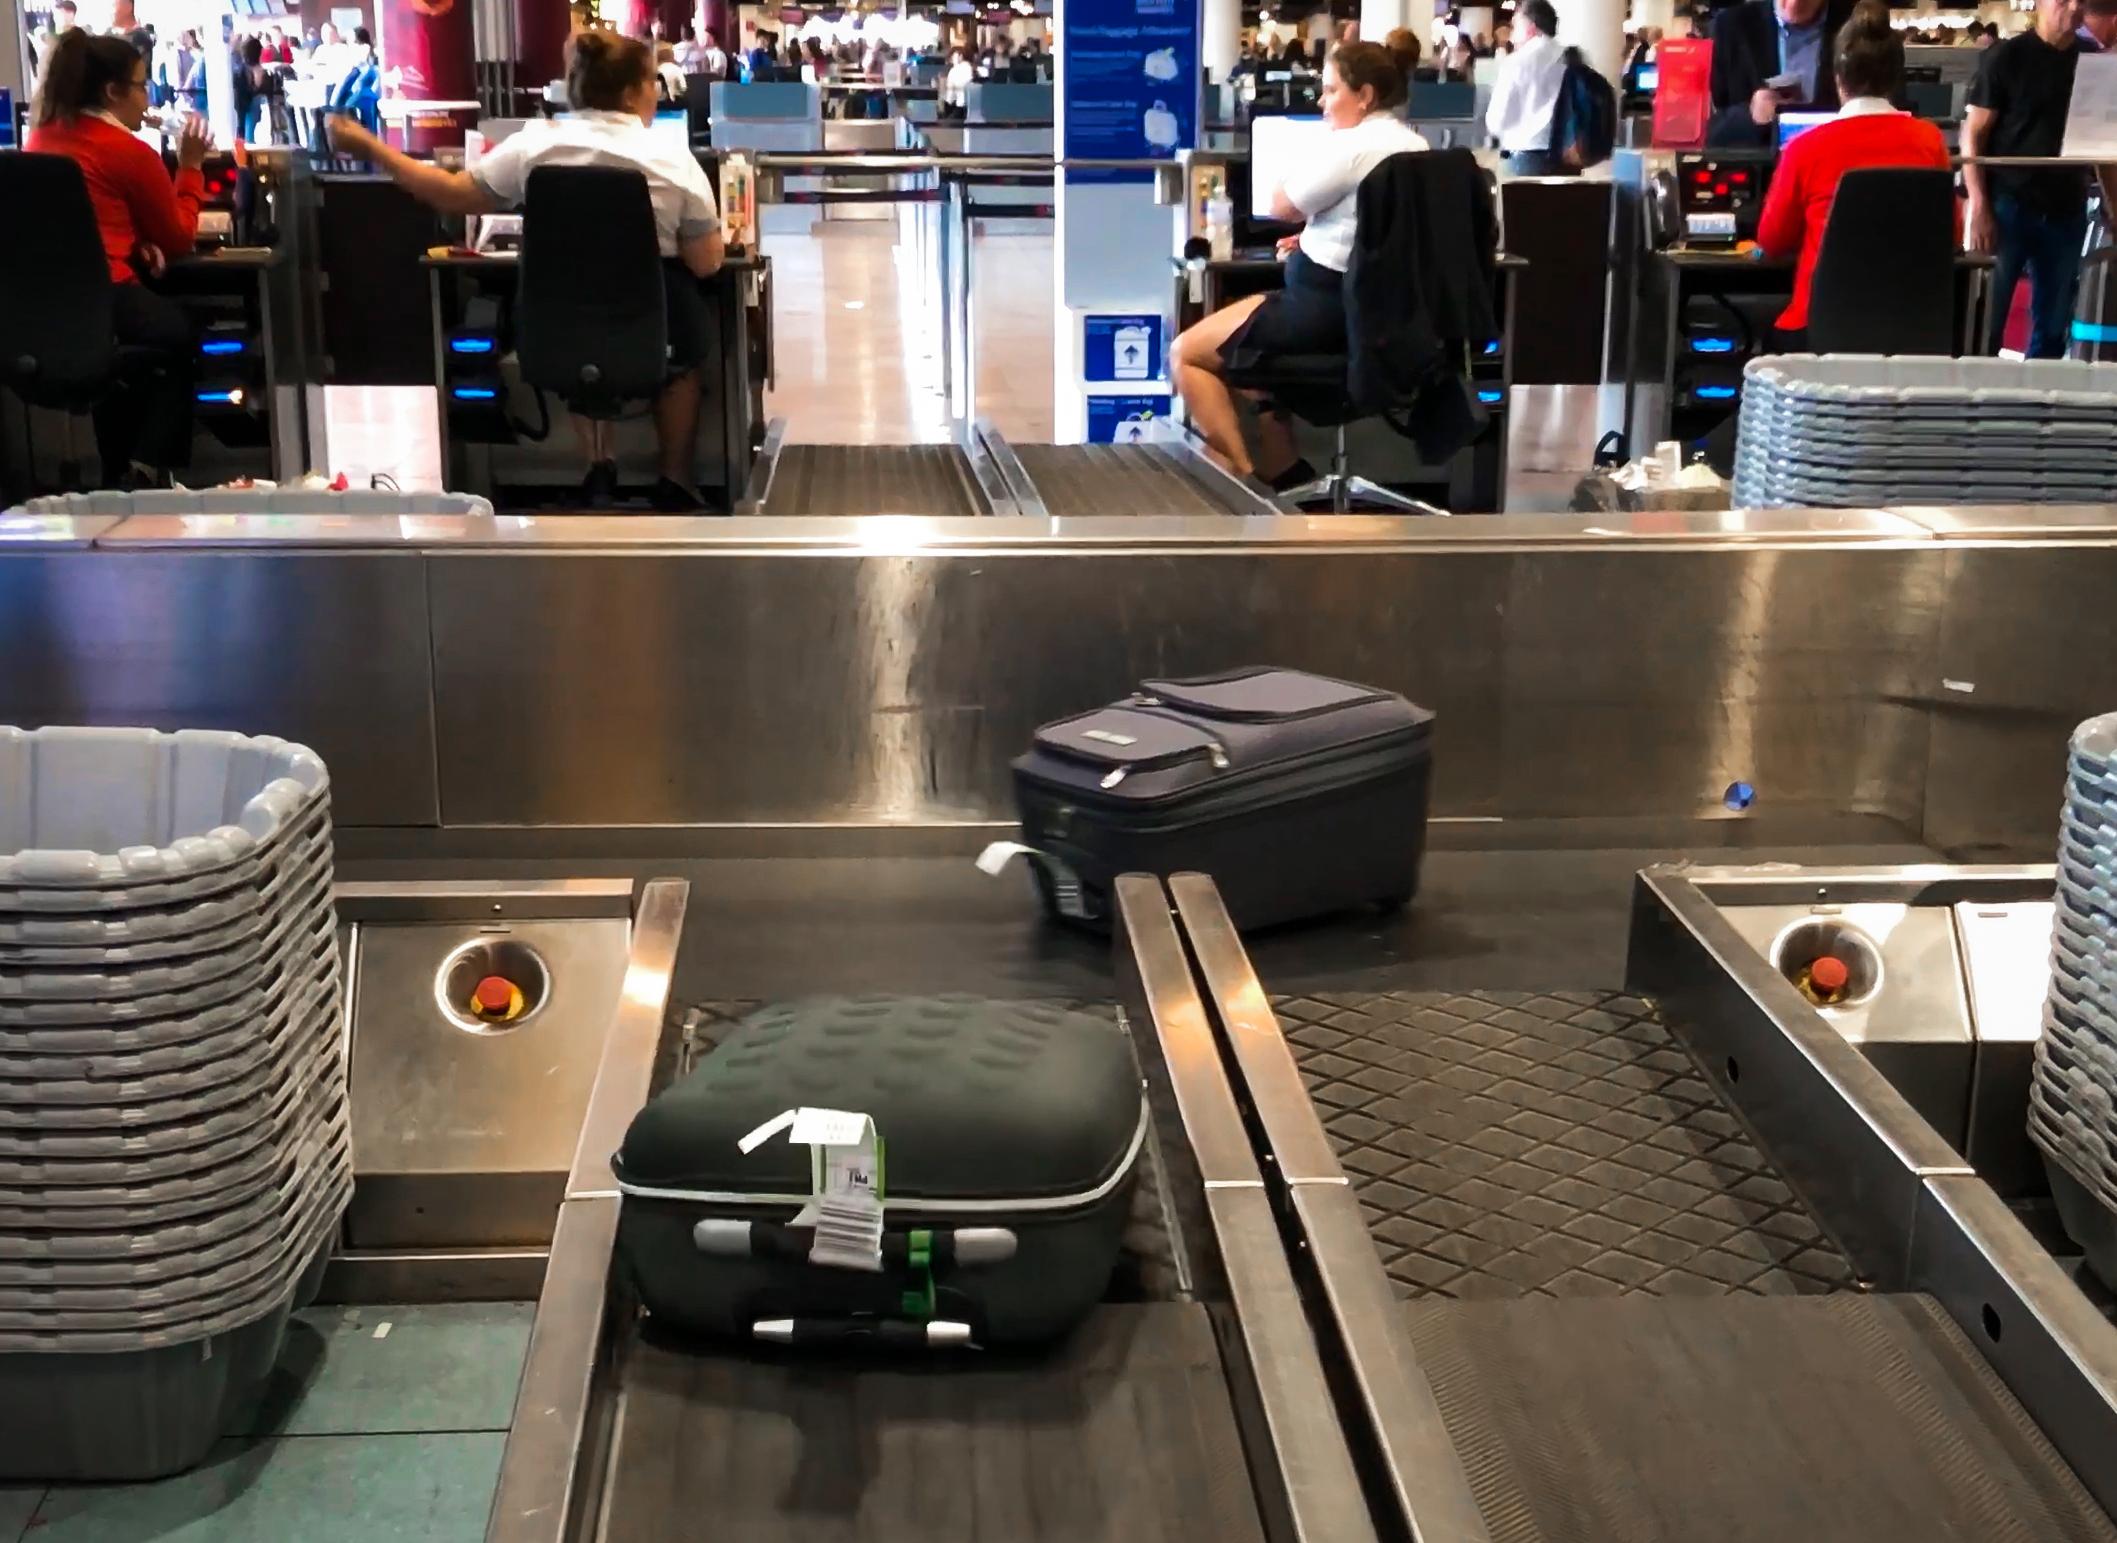 Op reis met enkel handbagage-2.JPG